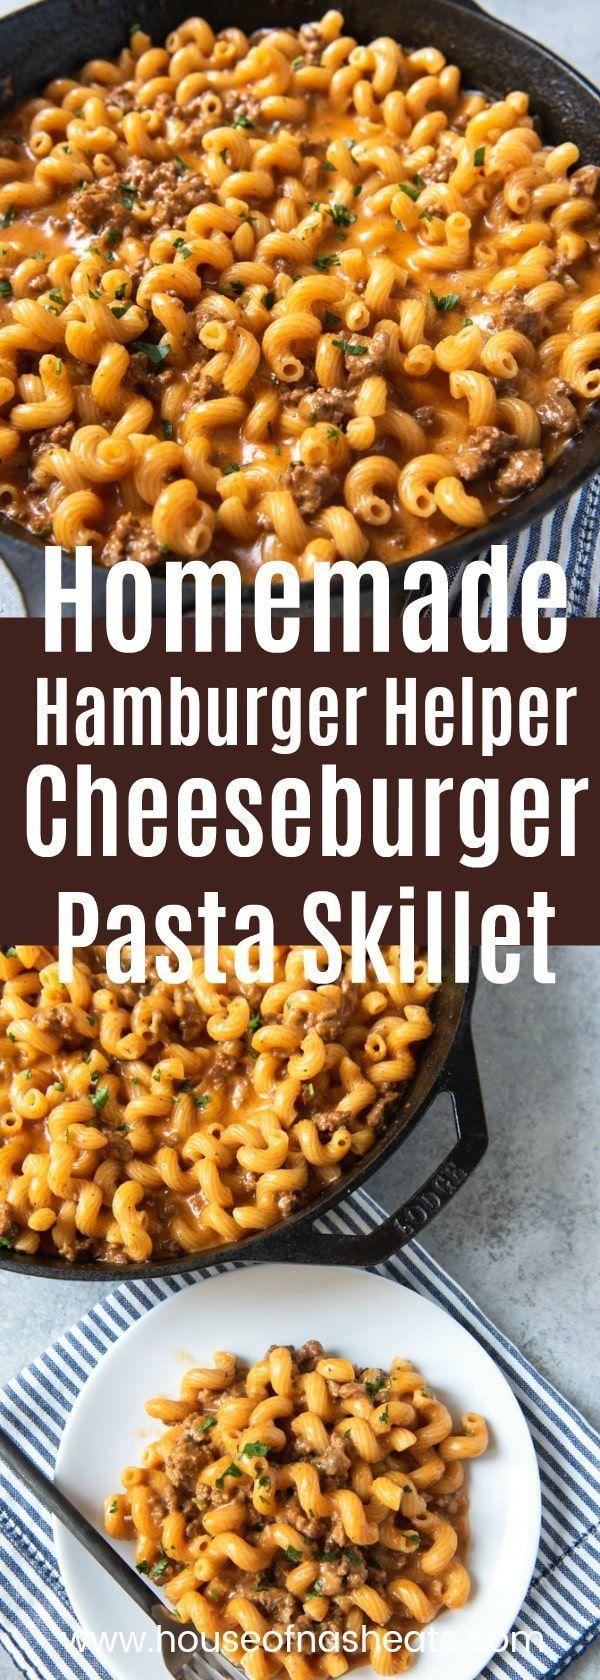 Cheeseburger Macaroni Skillet images